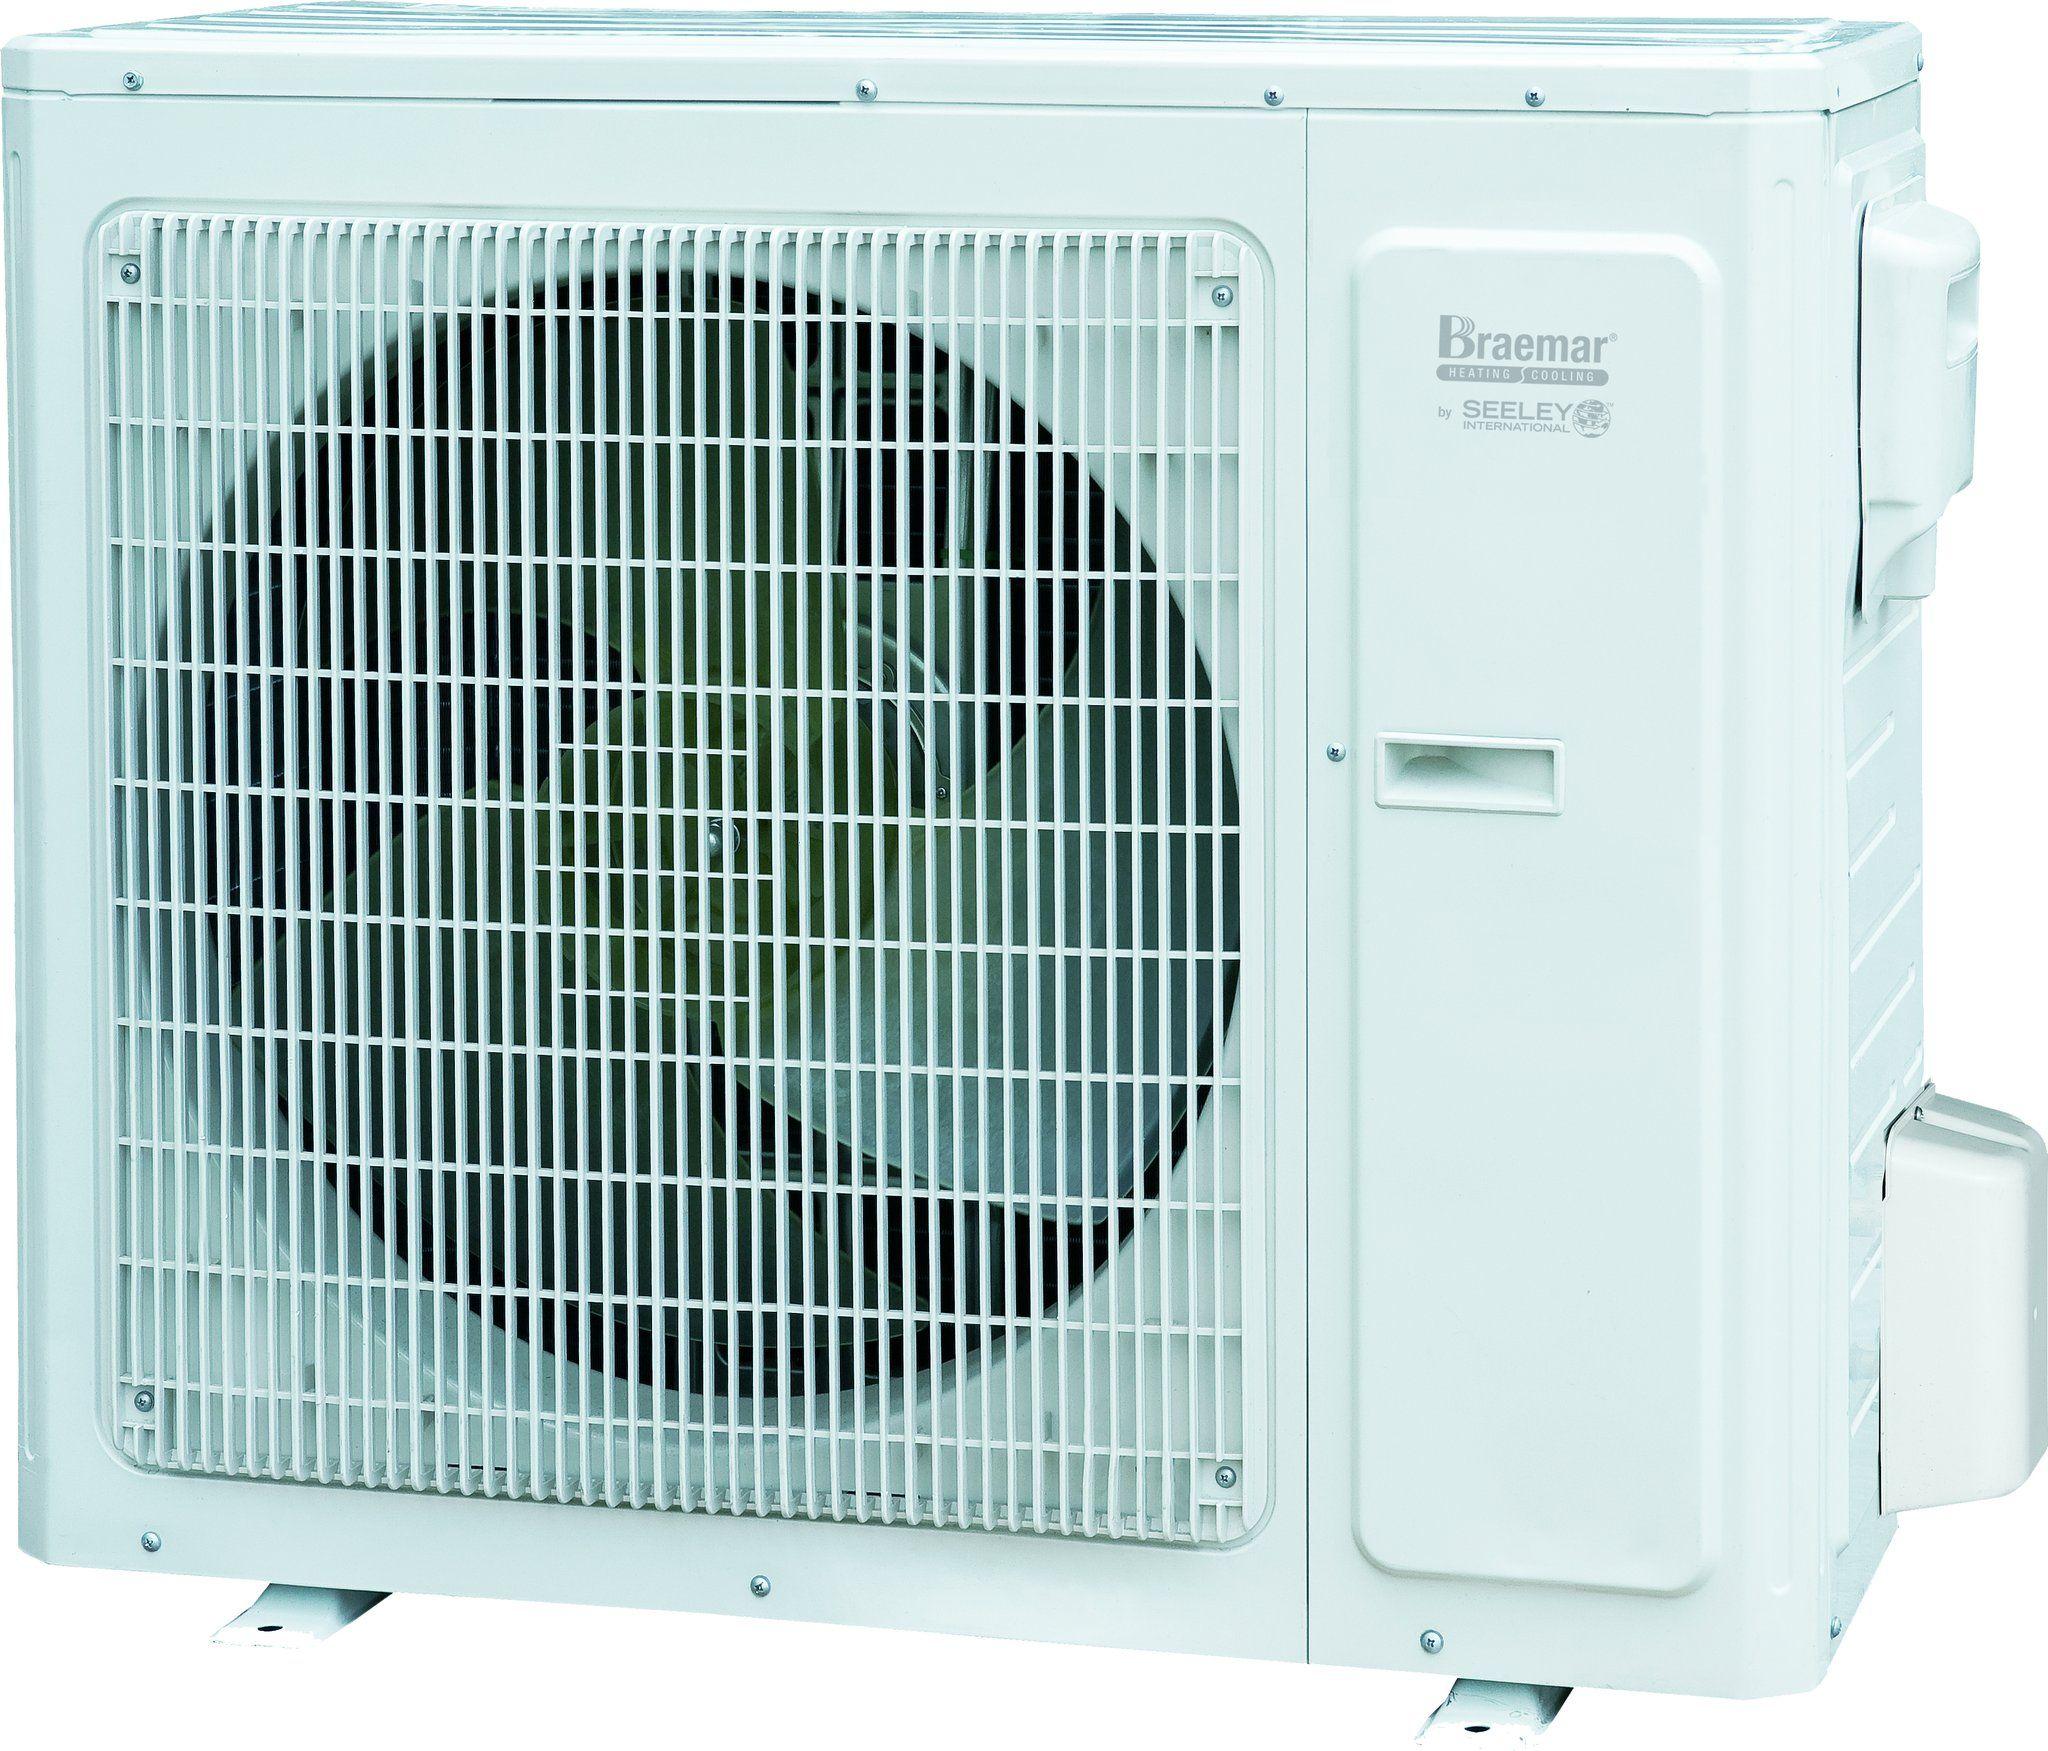 מזגנים Conditioner, Air conditioning, Home appliances